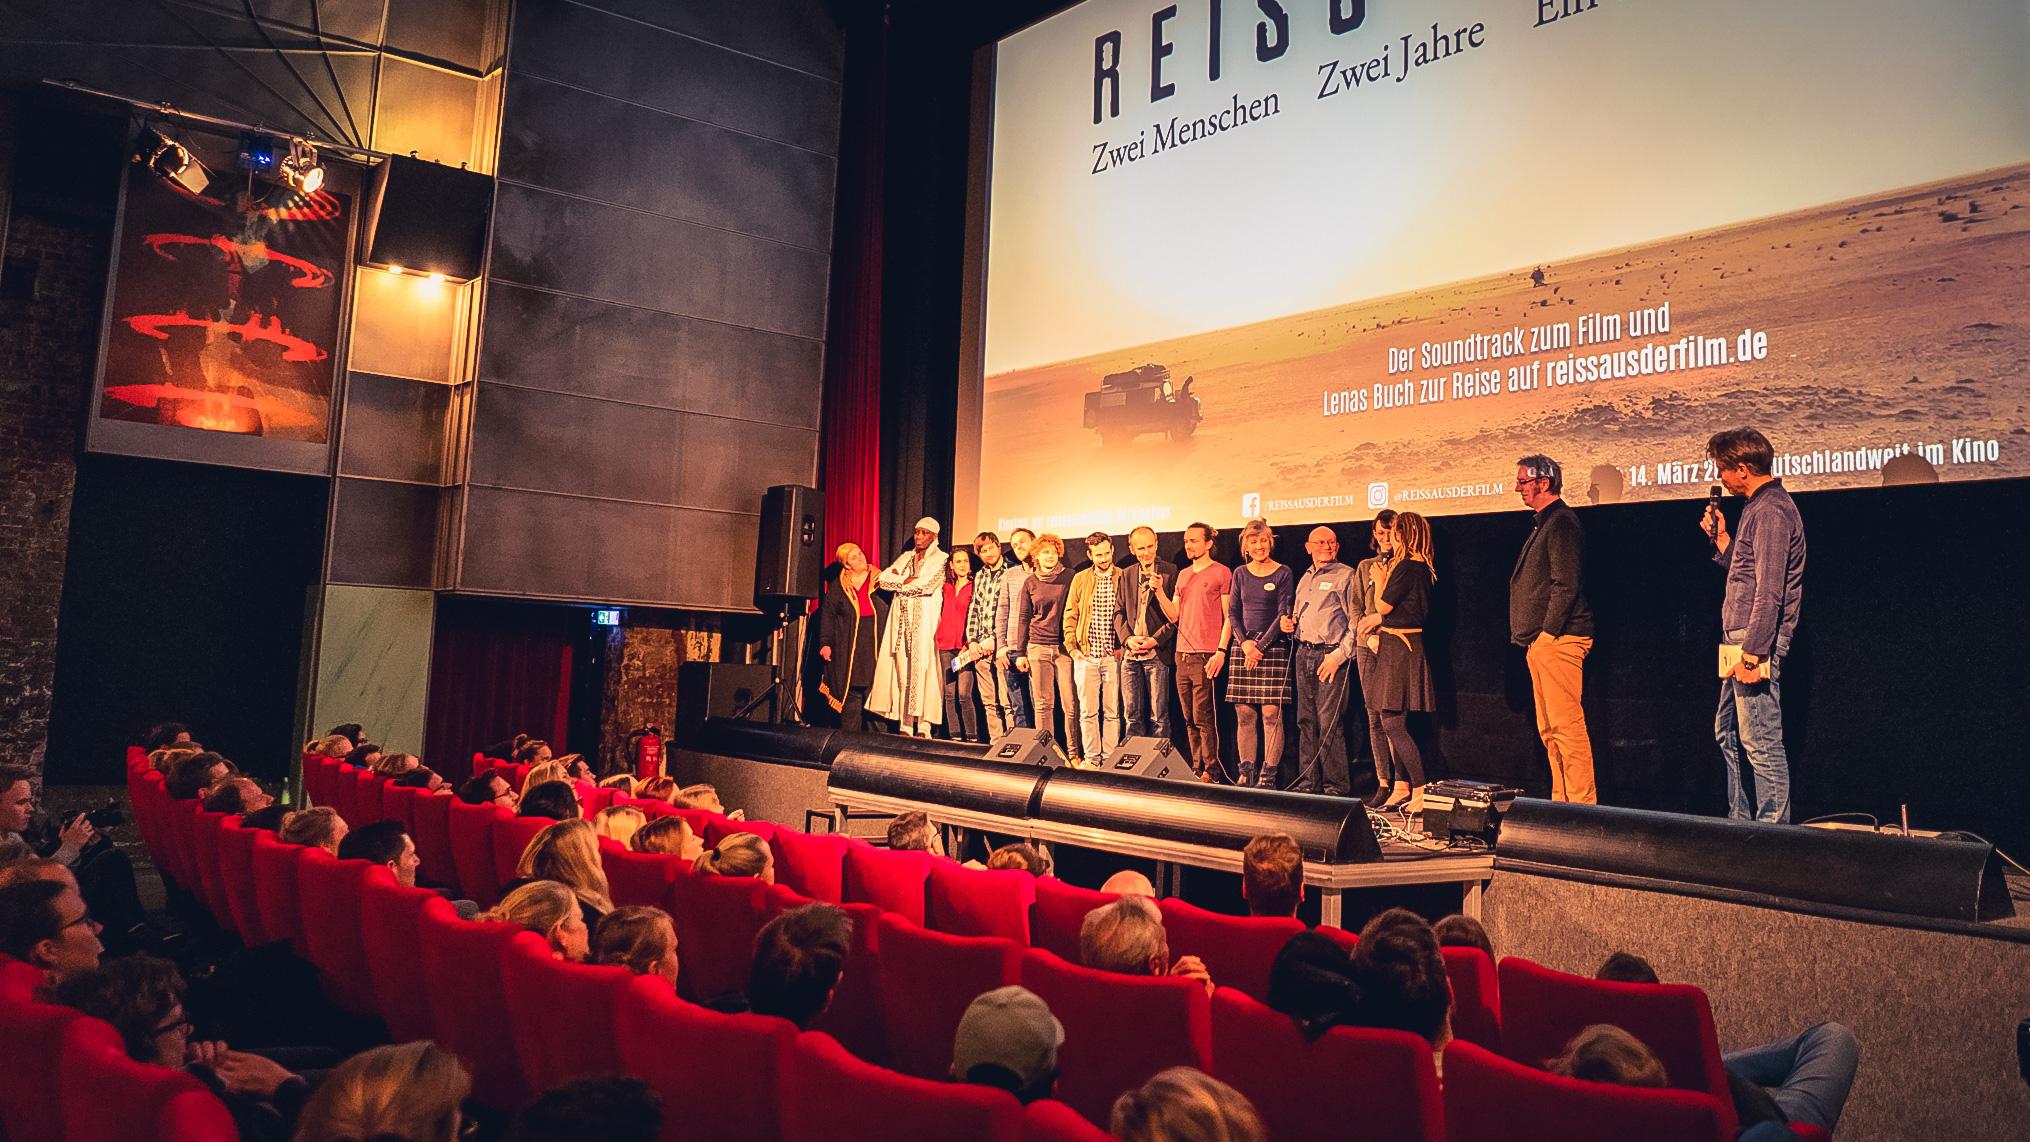 Premiere REISS AUS Zeise Kino Hamburg